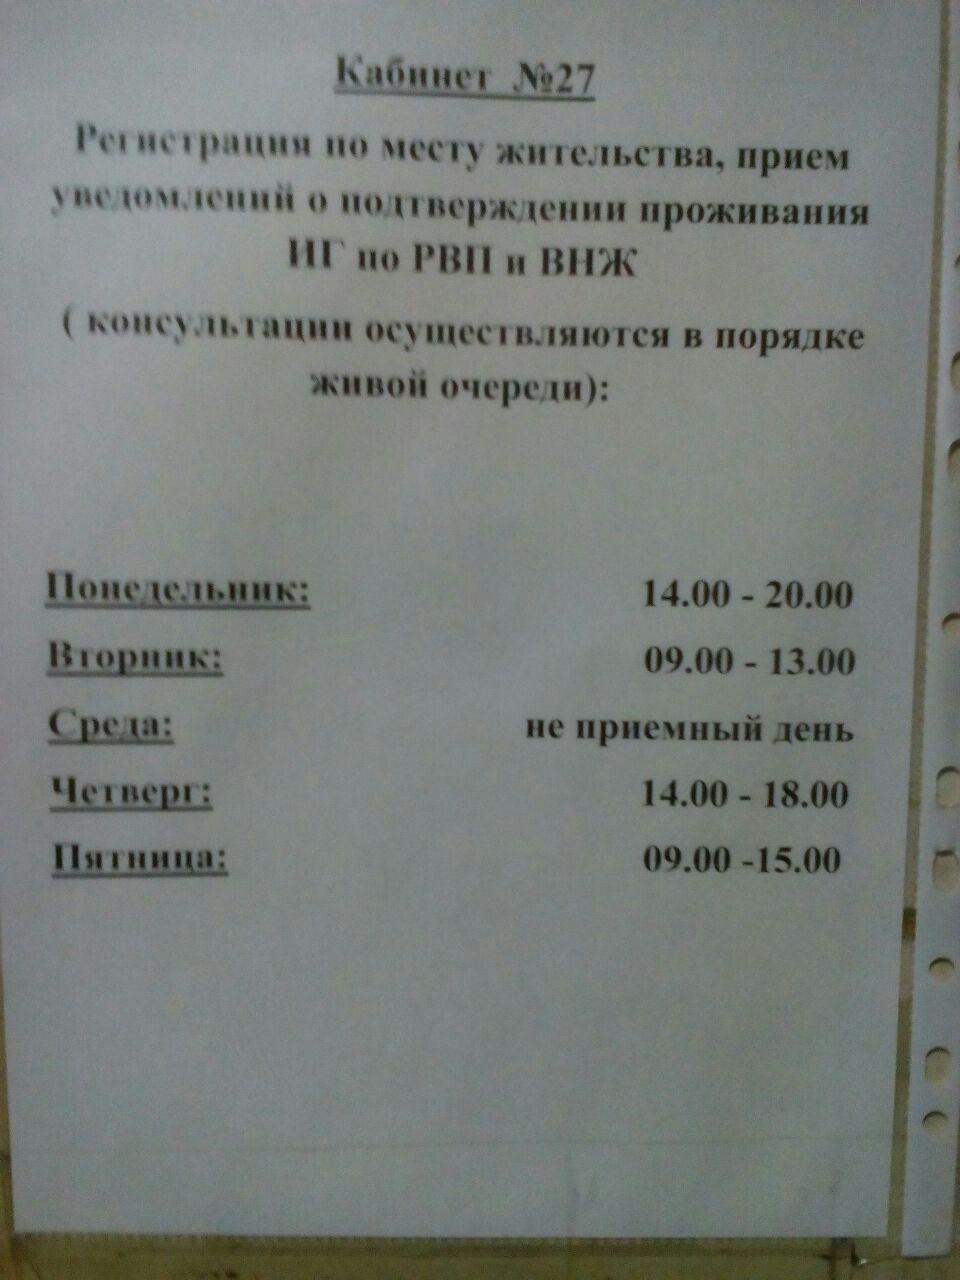 Трудовой договор для фмс в москве Матросова улица справки 2 ндфл для получения кредита купить в москве